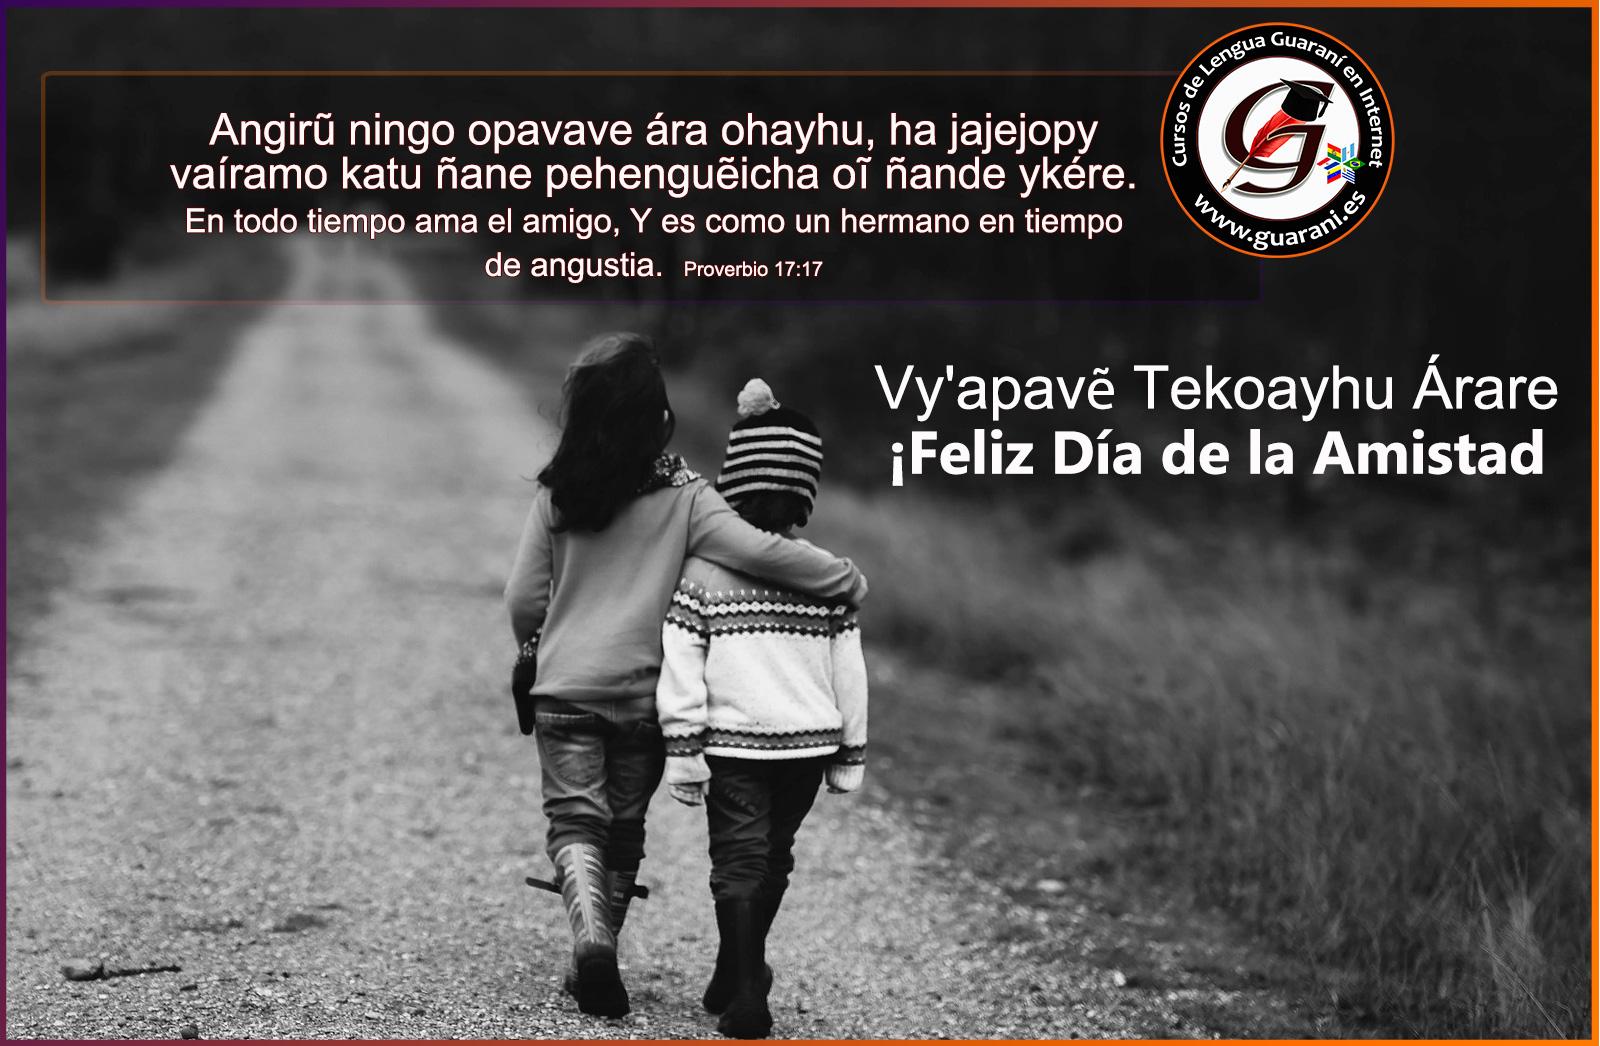 camino-ninos-guarani-amistad2